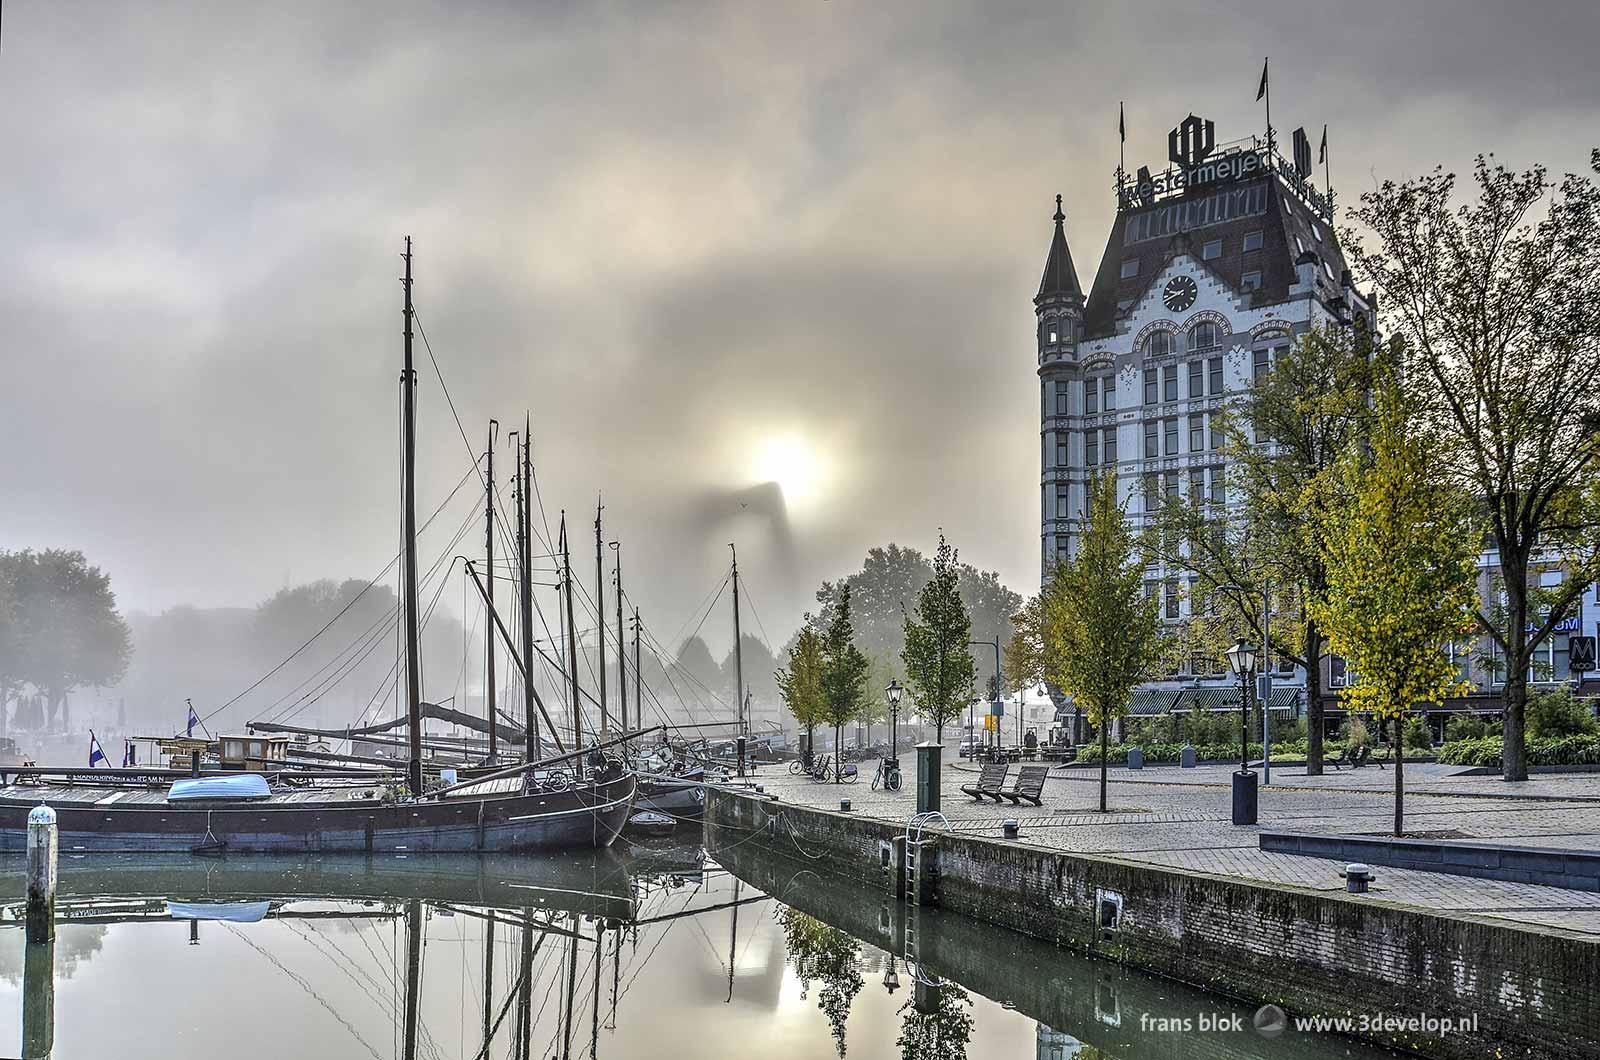 Foto gemaakt bij de Oude Haven op een mistige herfstdag met het Witte Huis en de schepen in de haven nog scherp in beeld maar de Willemsbrug erachter slechts als vage schim.